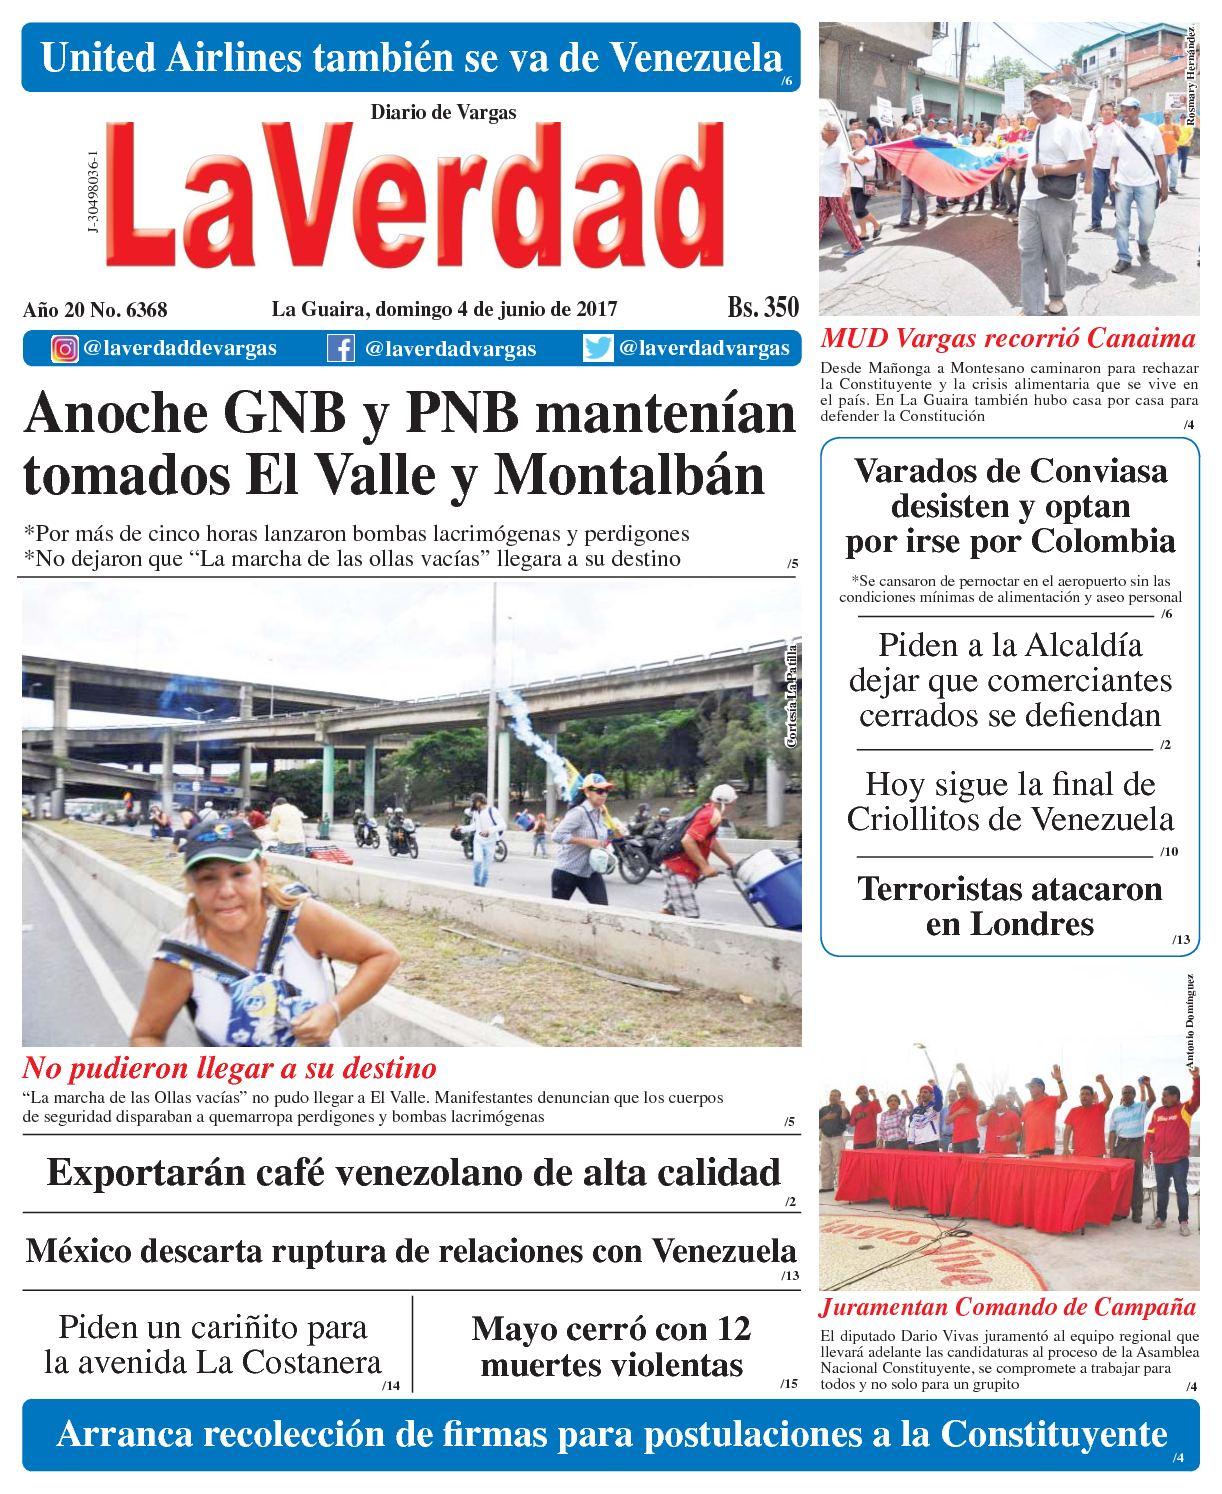 La Guaira, domingo 4 de junio de 2017 Año 20 No. 6368